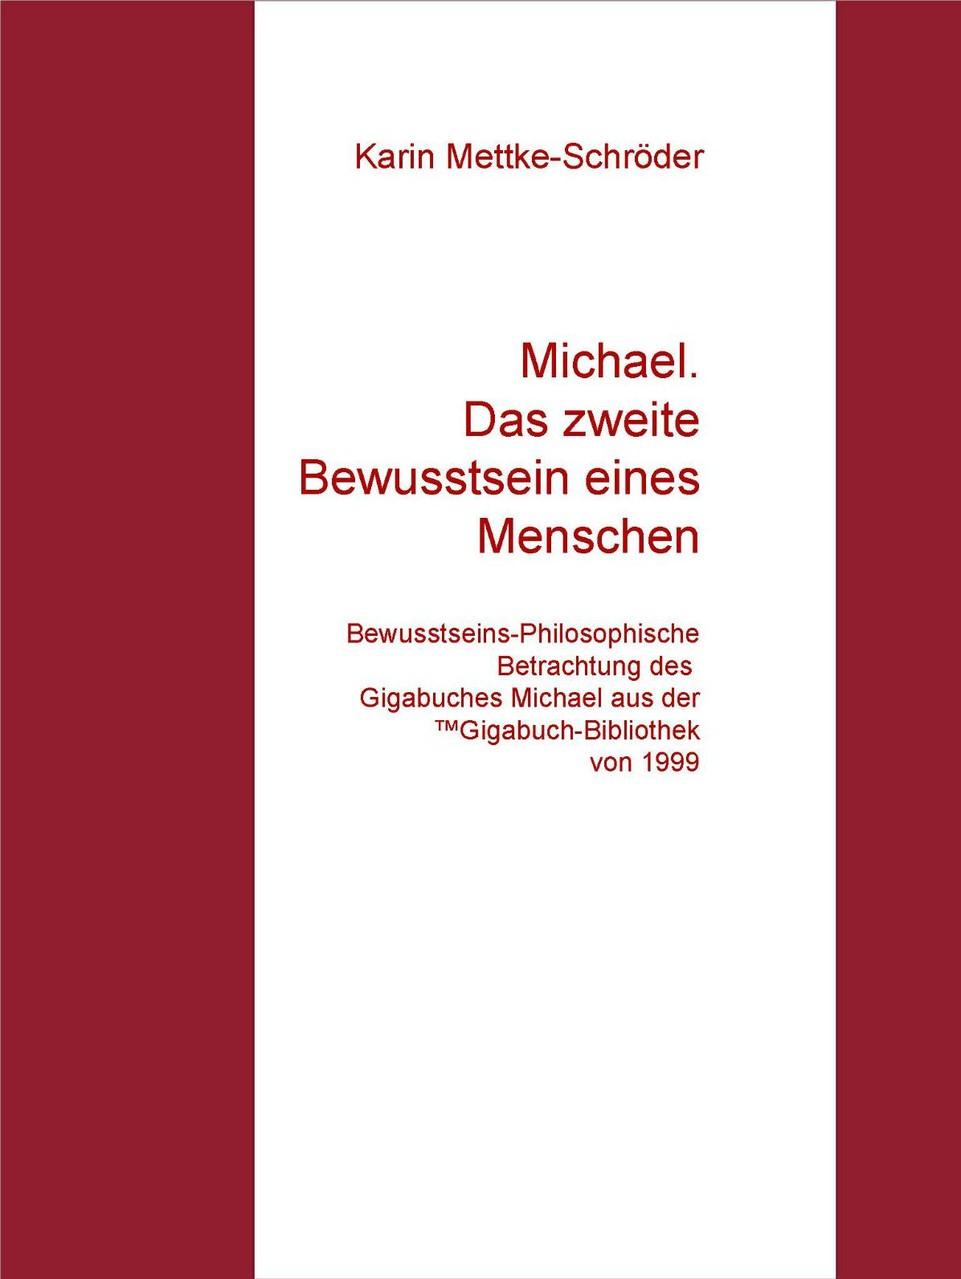 Karin Mettke-Schröder/Michael. Das zweite Bewusstsein/™Gigabuch Bibliothek 1999/e-Short ISBN 9783734712852